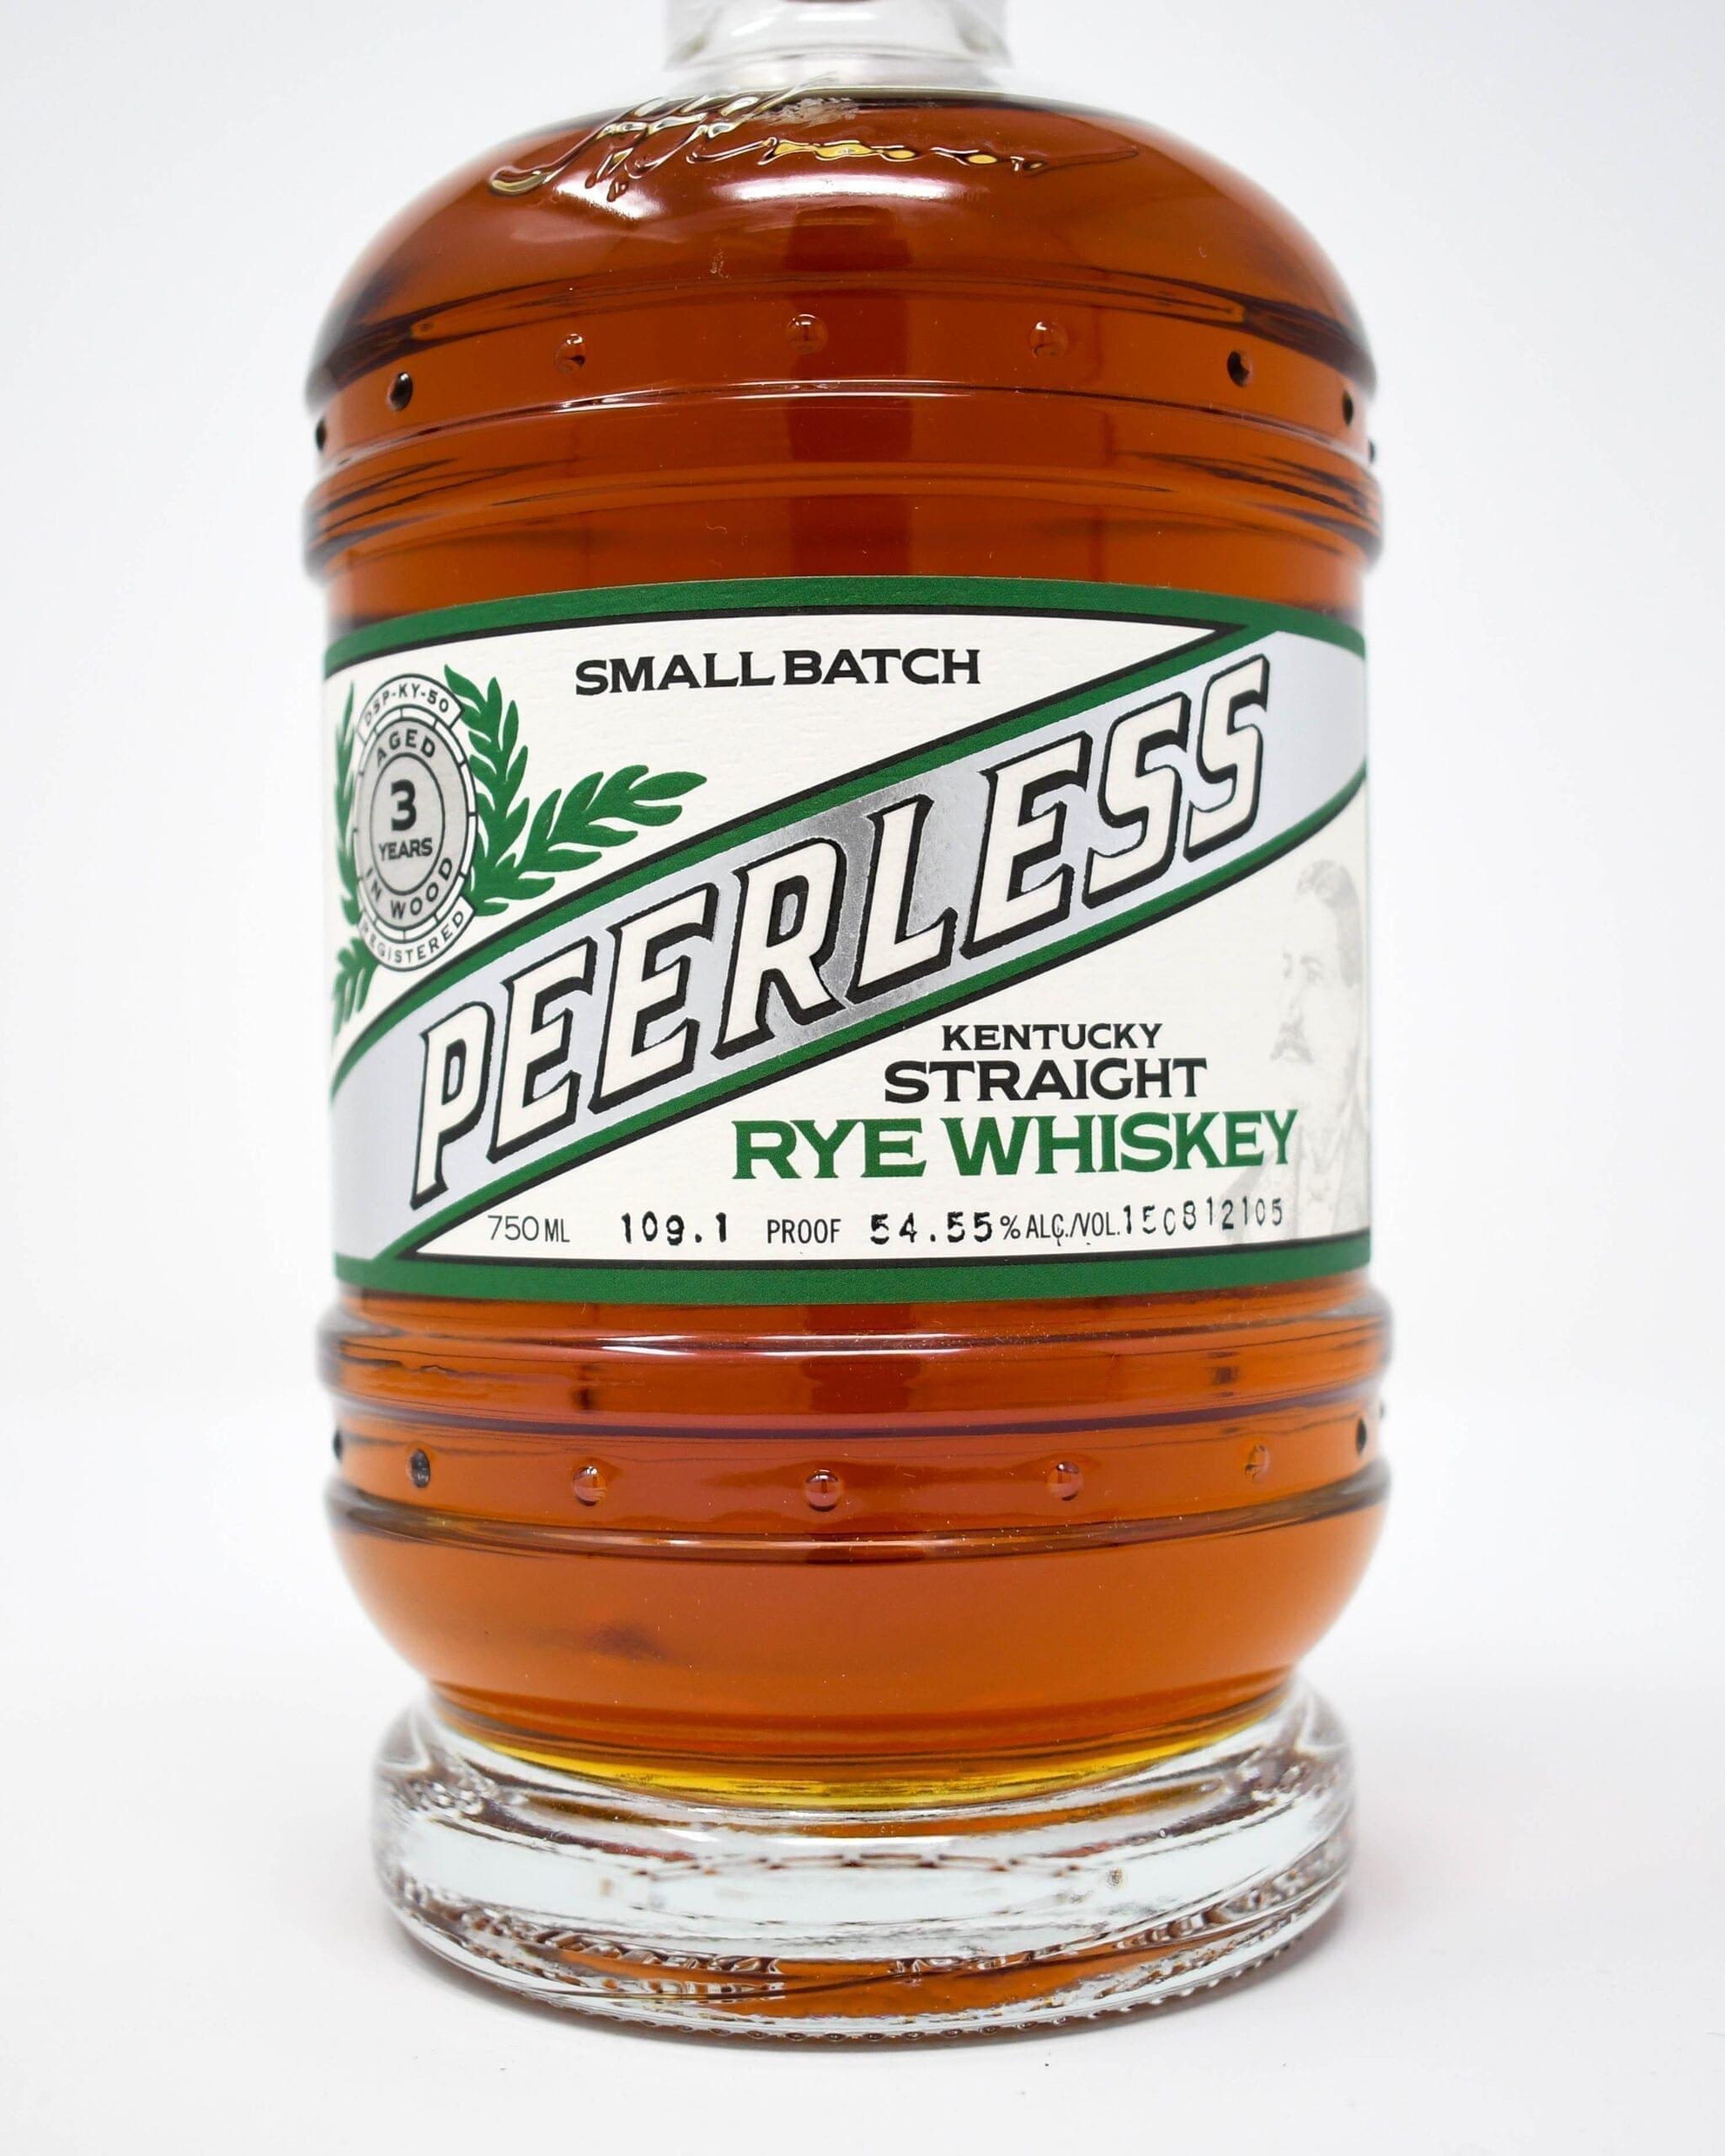 Peerless Rye 3yr